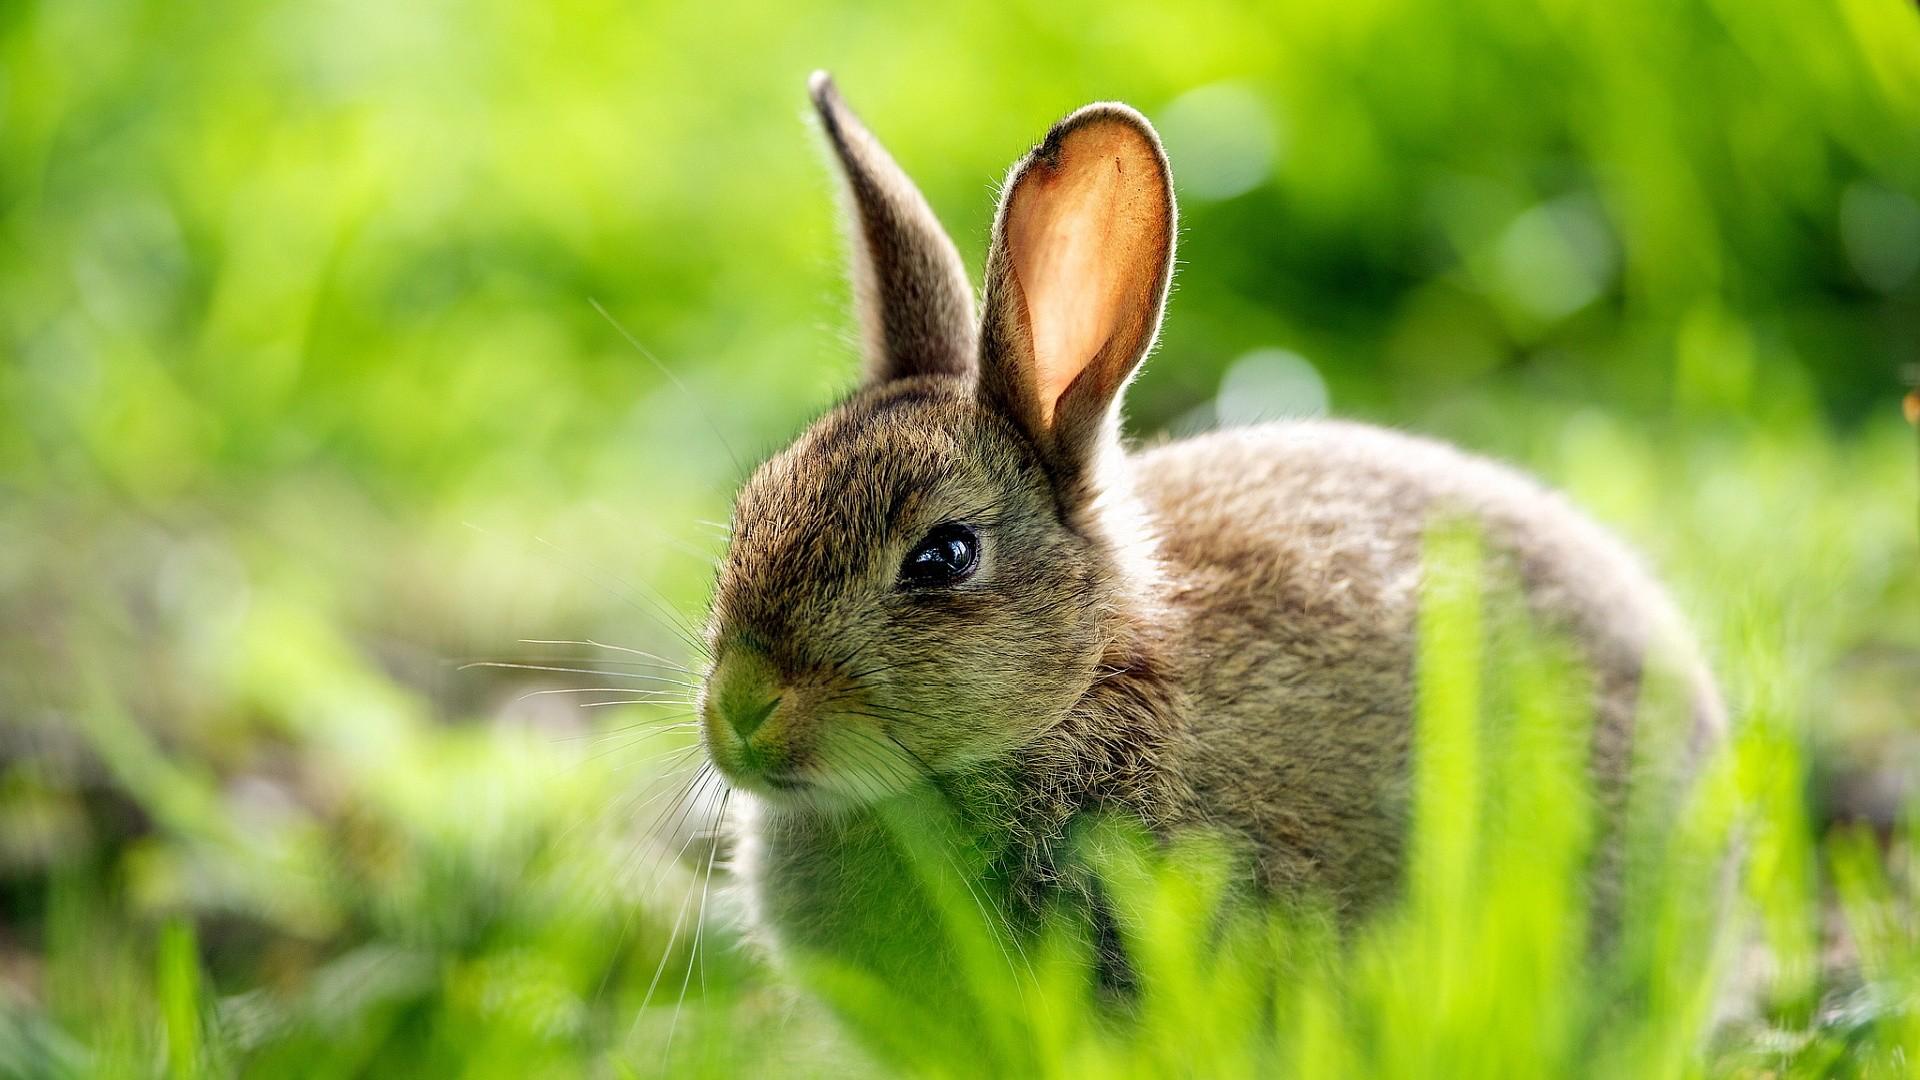 Rabbit Wallpapers Desktop HD Background